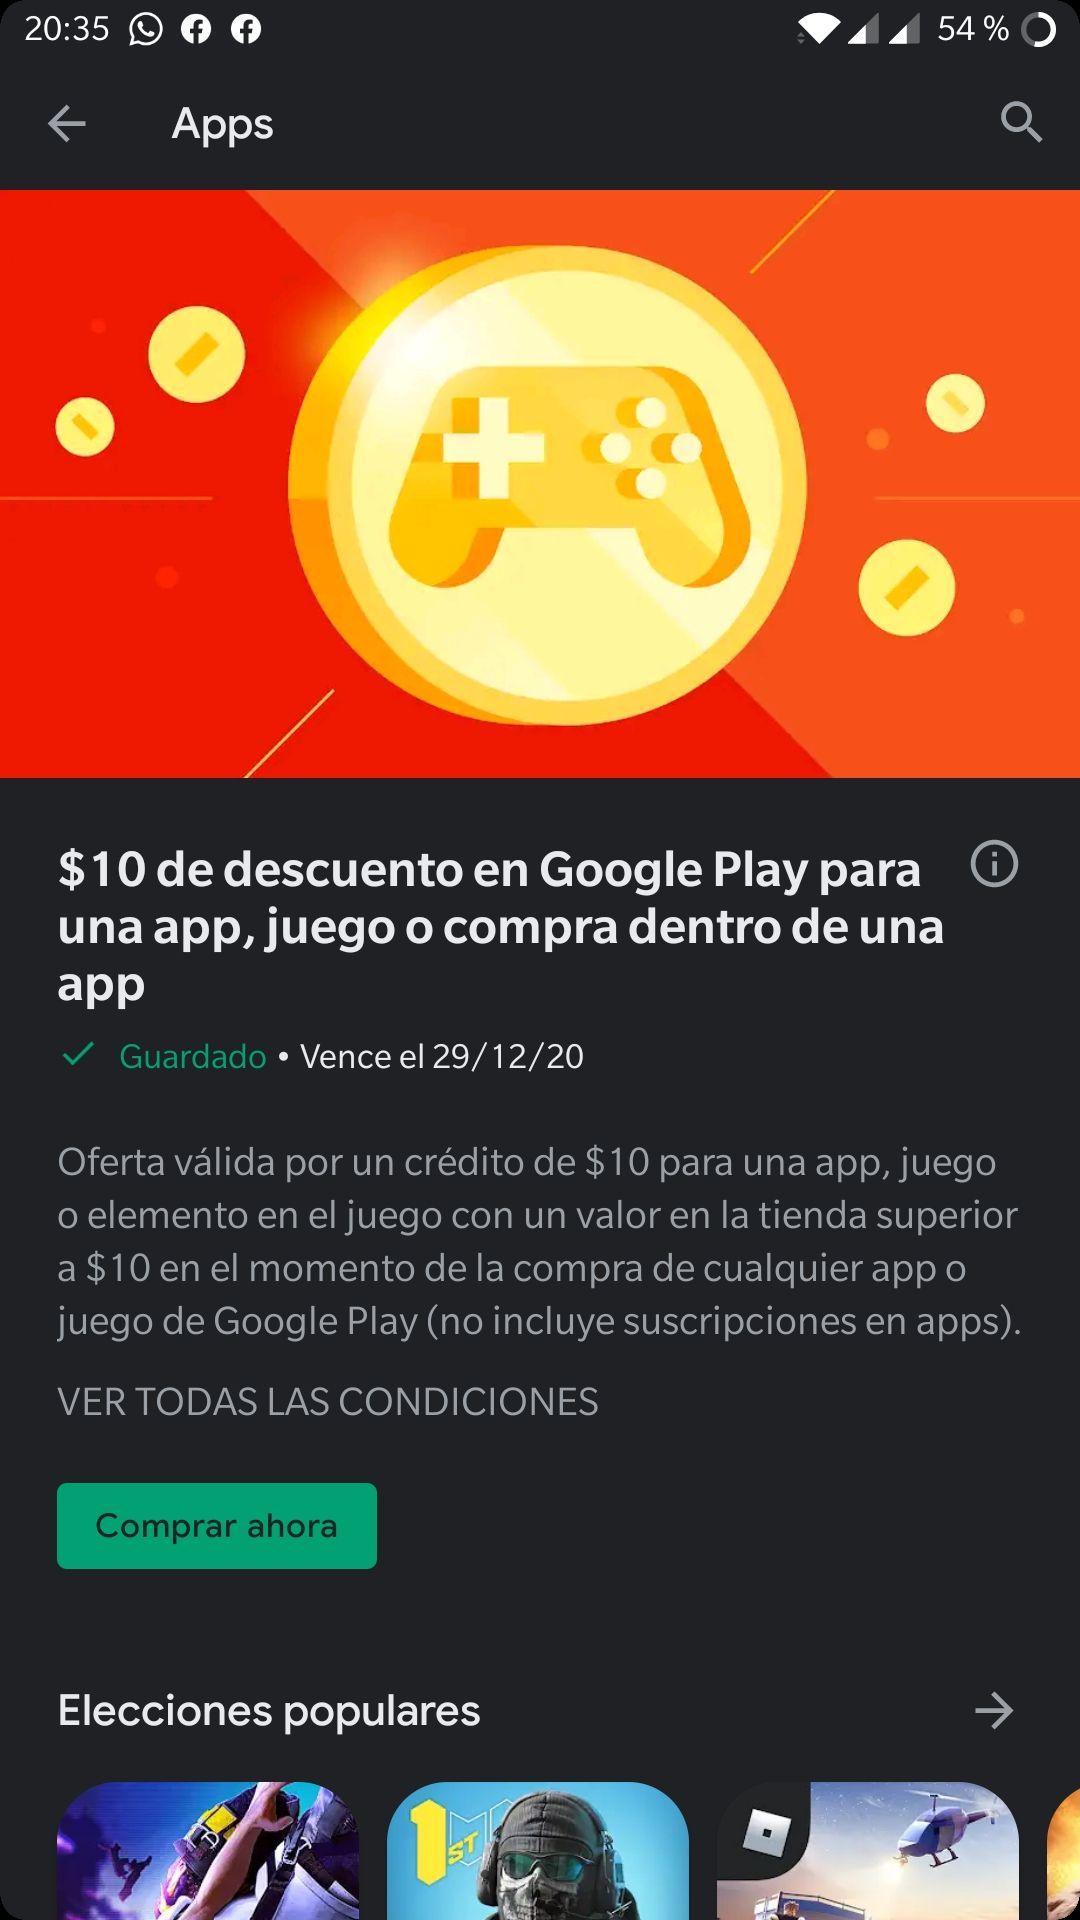 Google Play: 10 pesos de descuento en una compra de app o juego